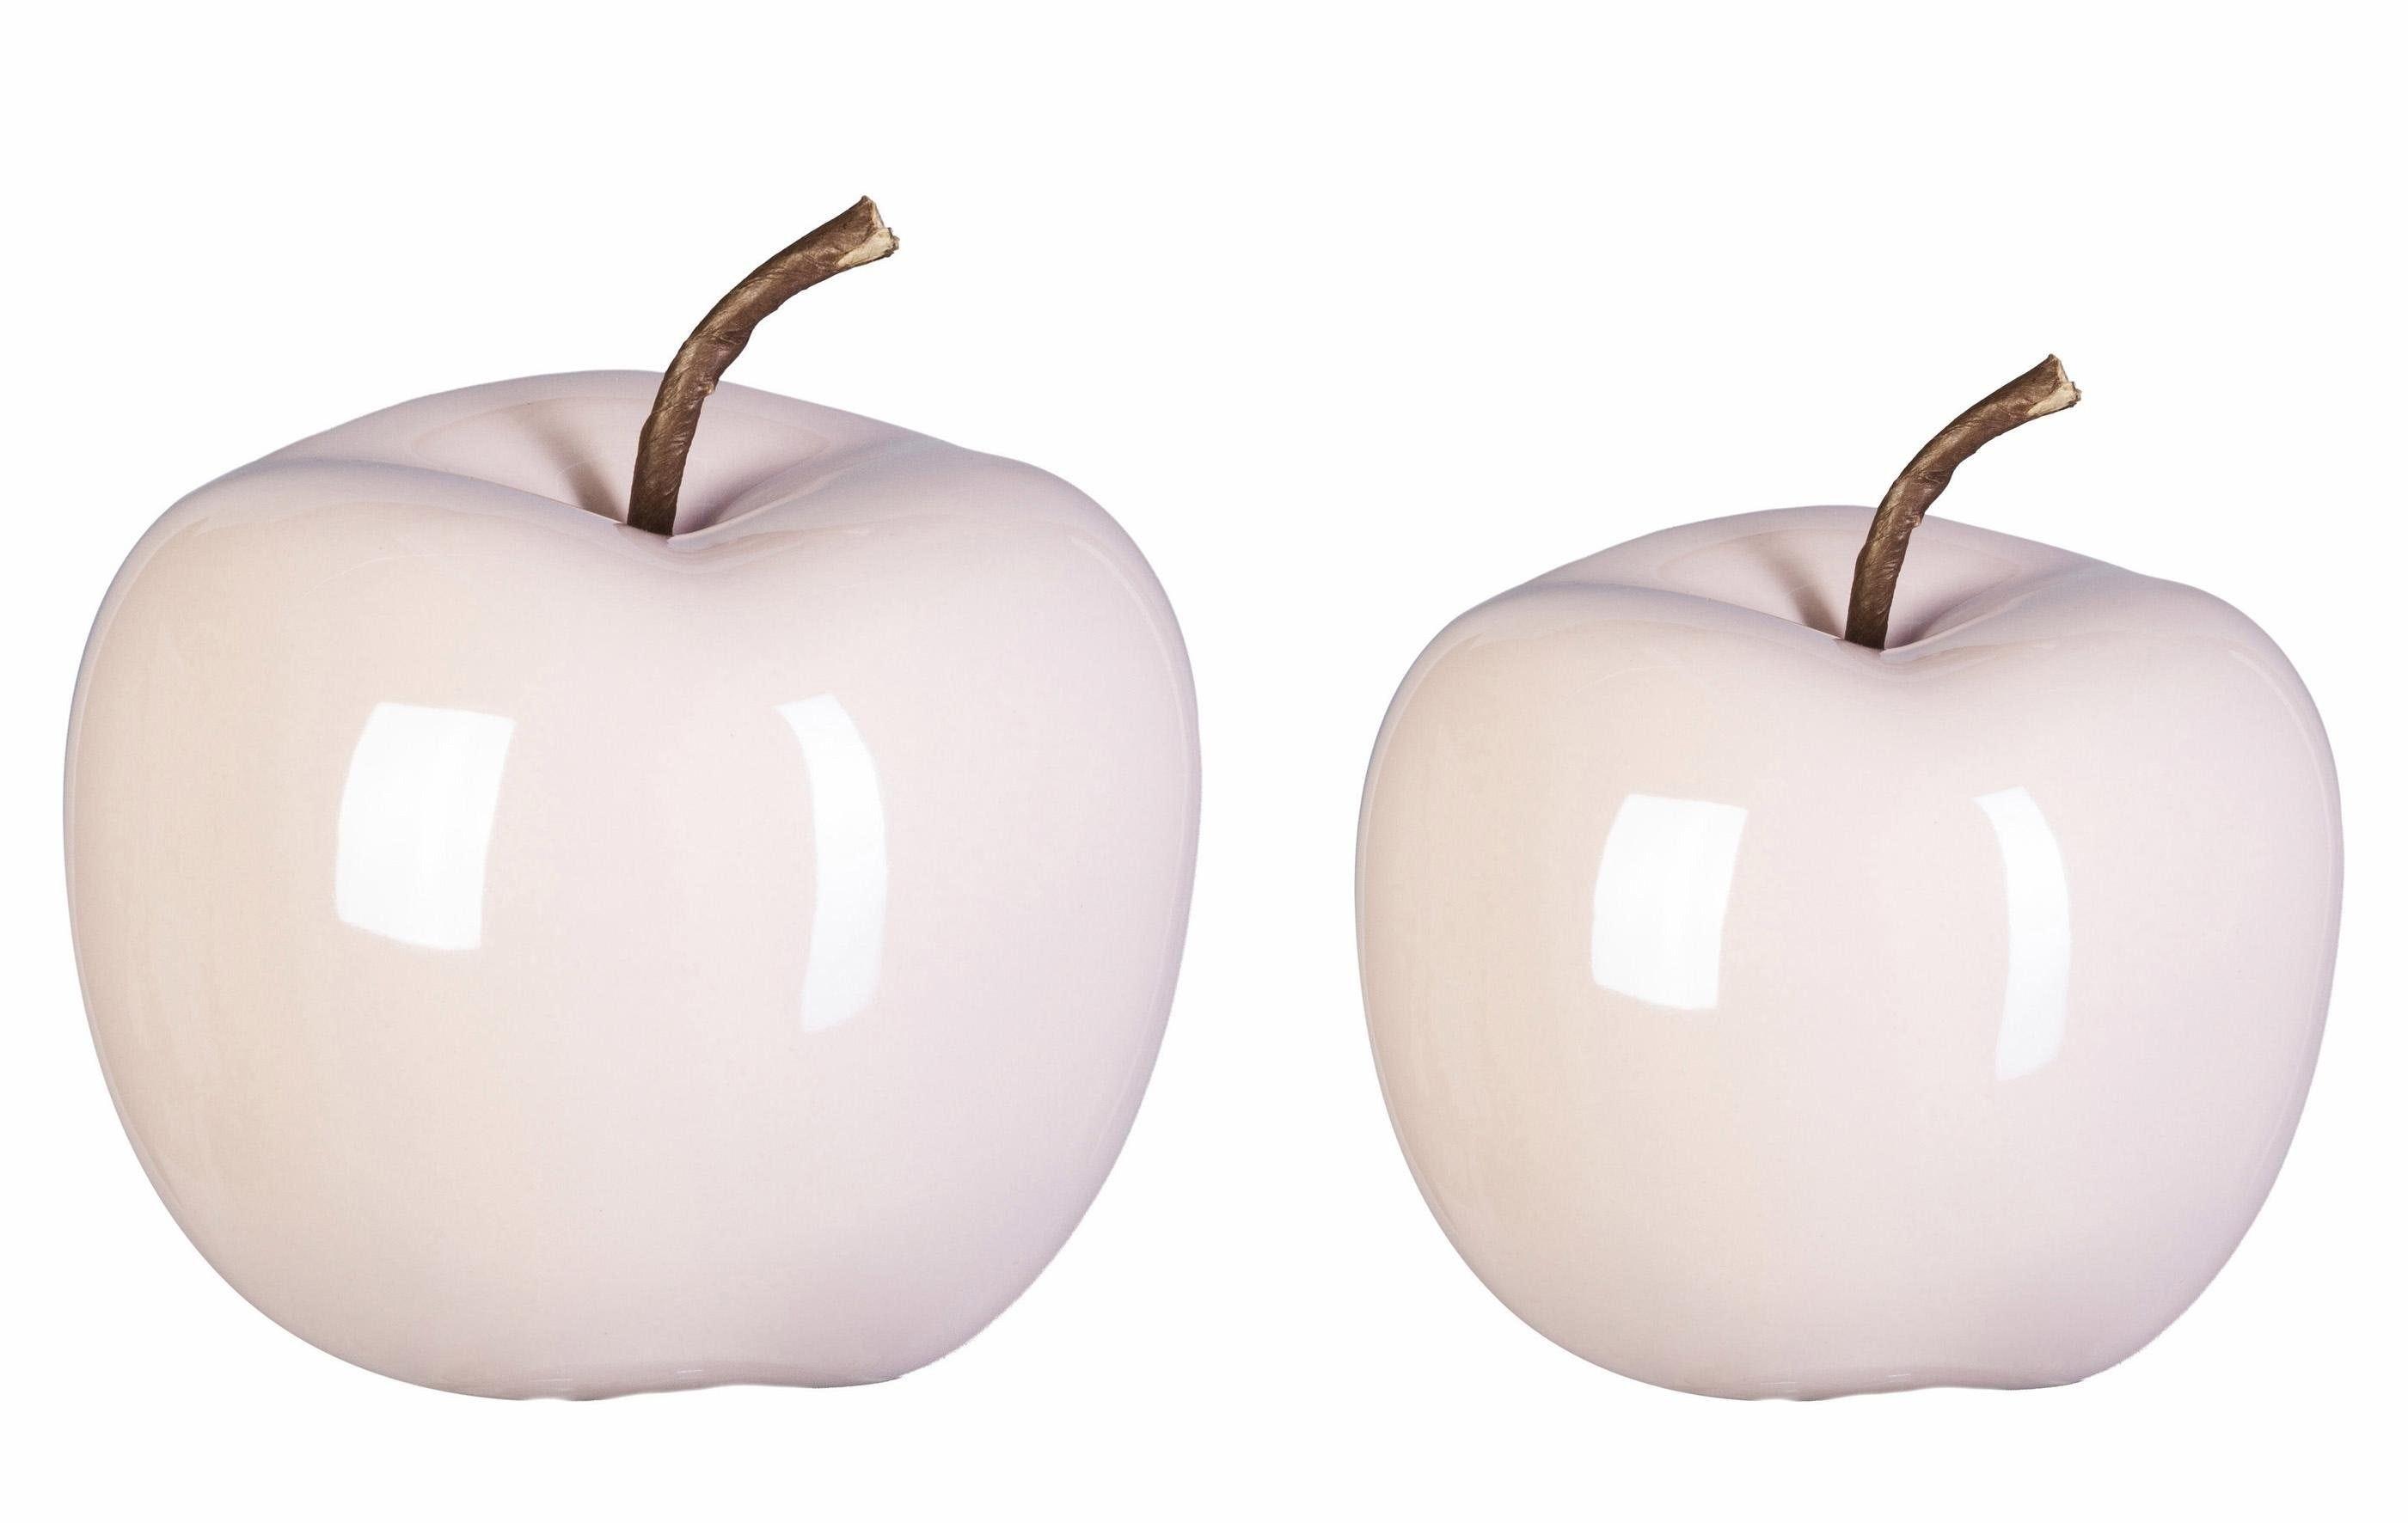 Keramik Deko Apfel